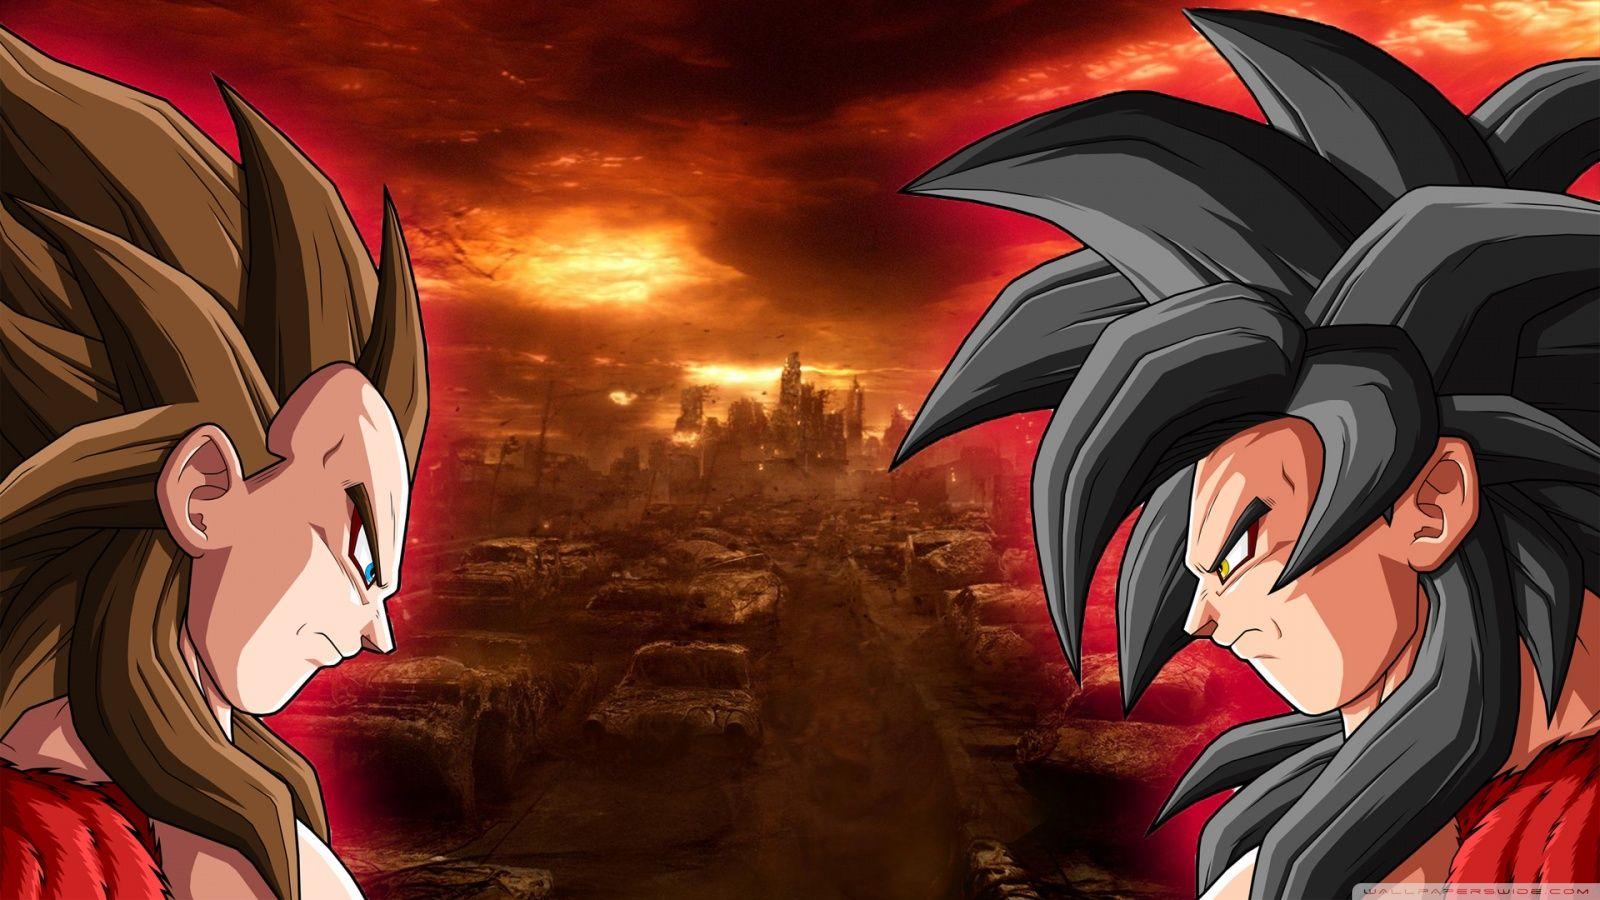 GOKU vs VEGETA AT SUPER SAIYAN LEVEL 4 | Oscar's board ...